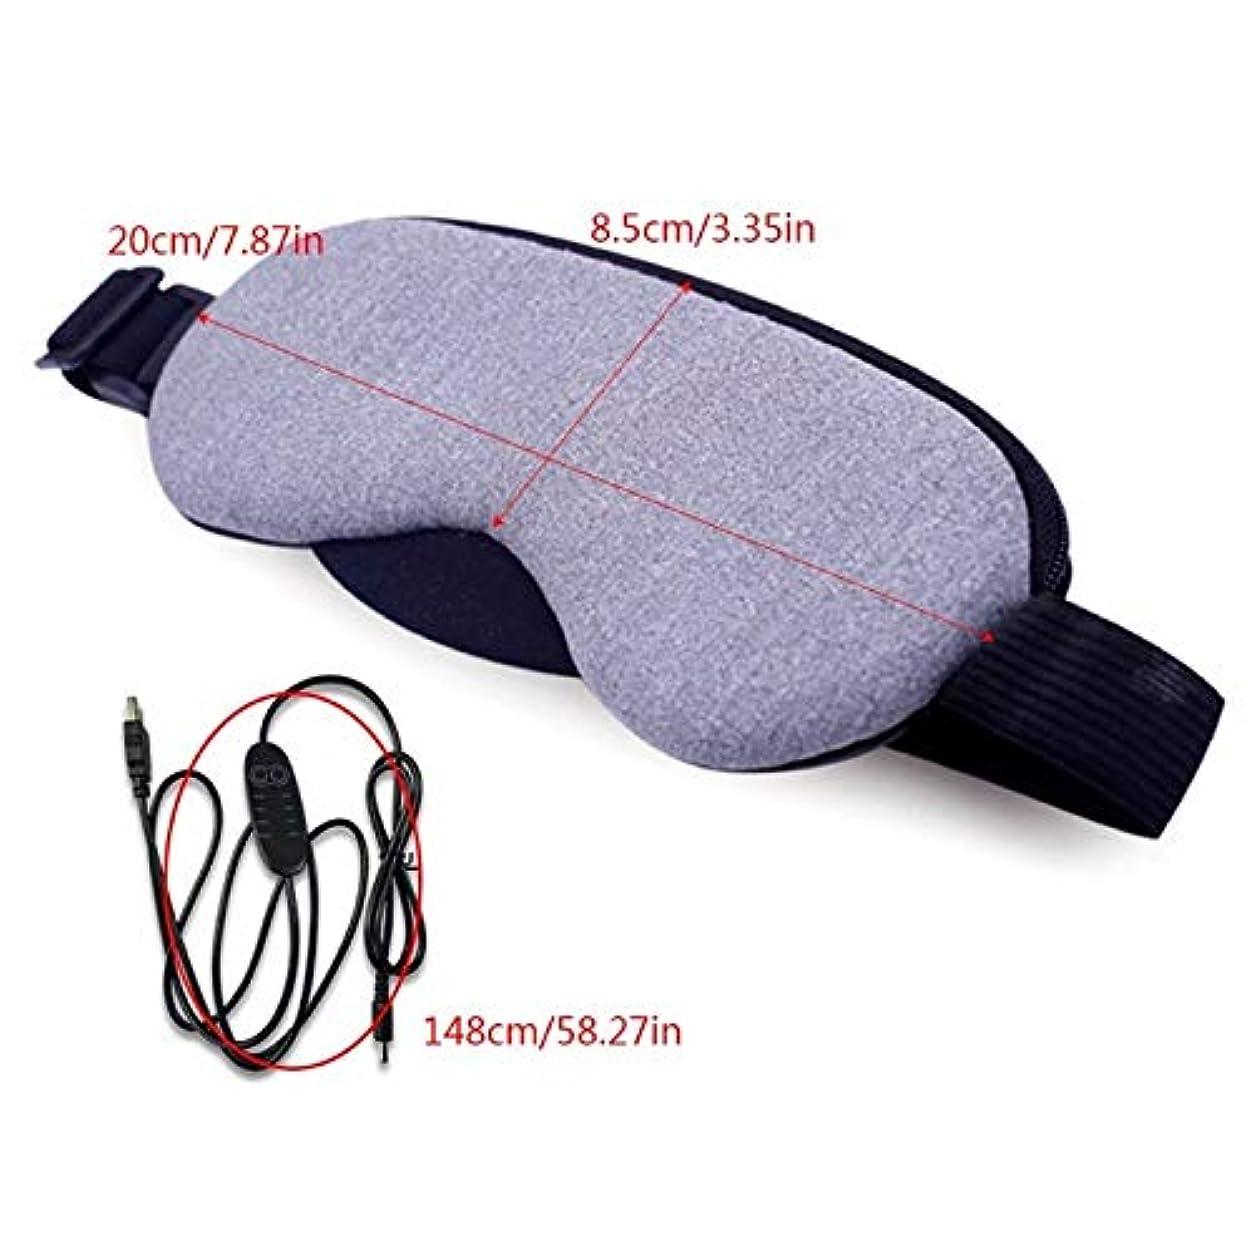 ブロッサム斧城注マスク睡眠温度制御ヒートスチームコットン緩和疲労USBホットパッドスリーピングアイカバーケア目隠しパープルツール